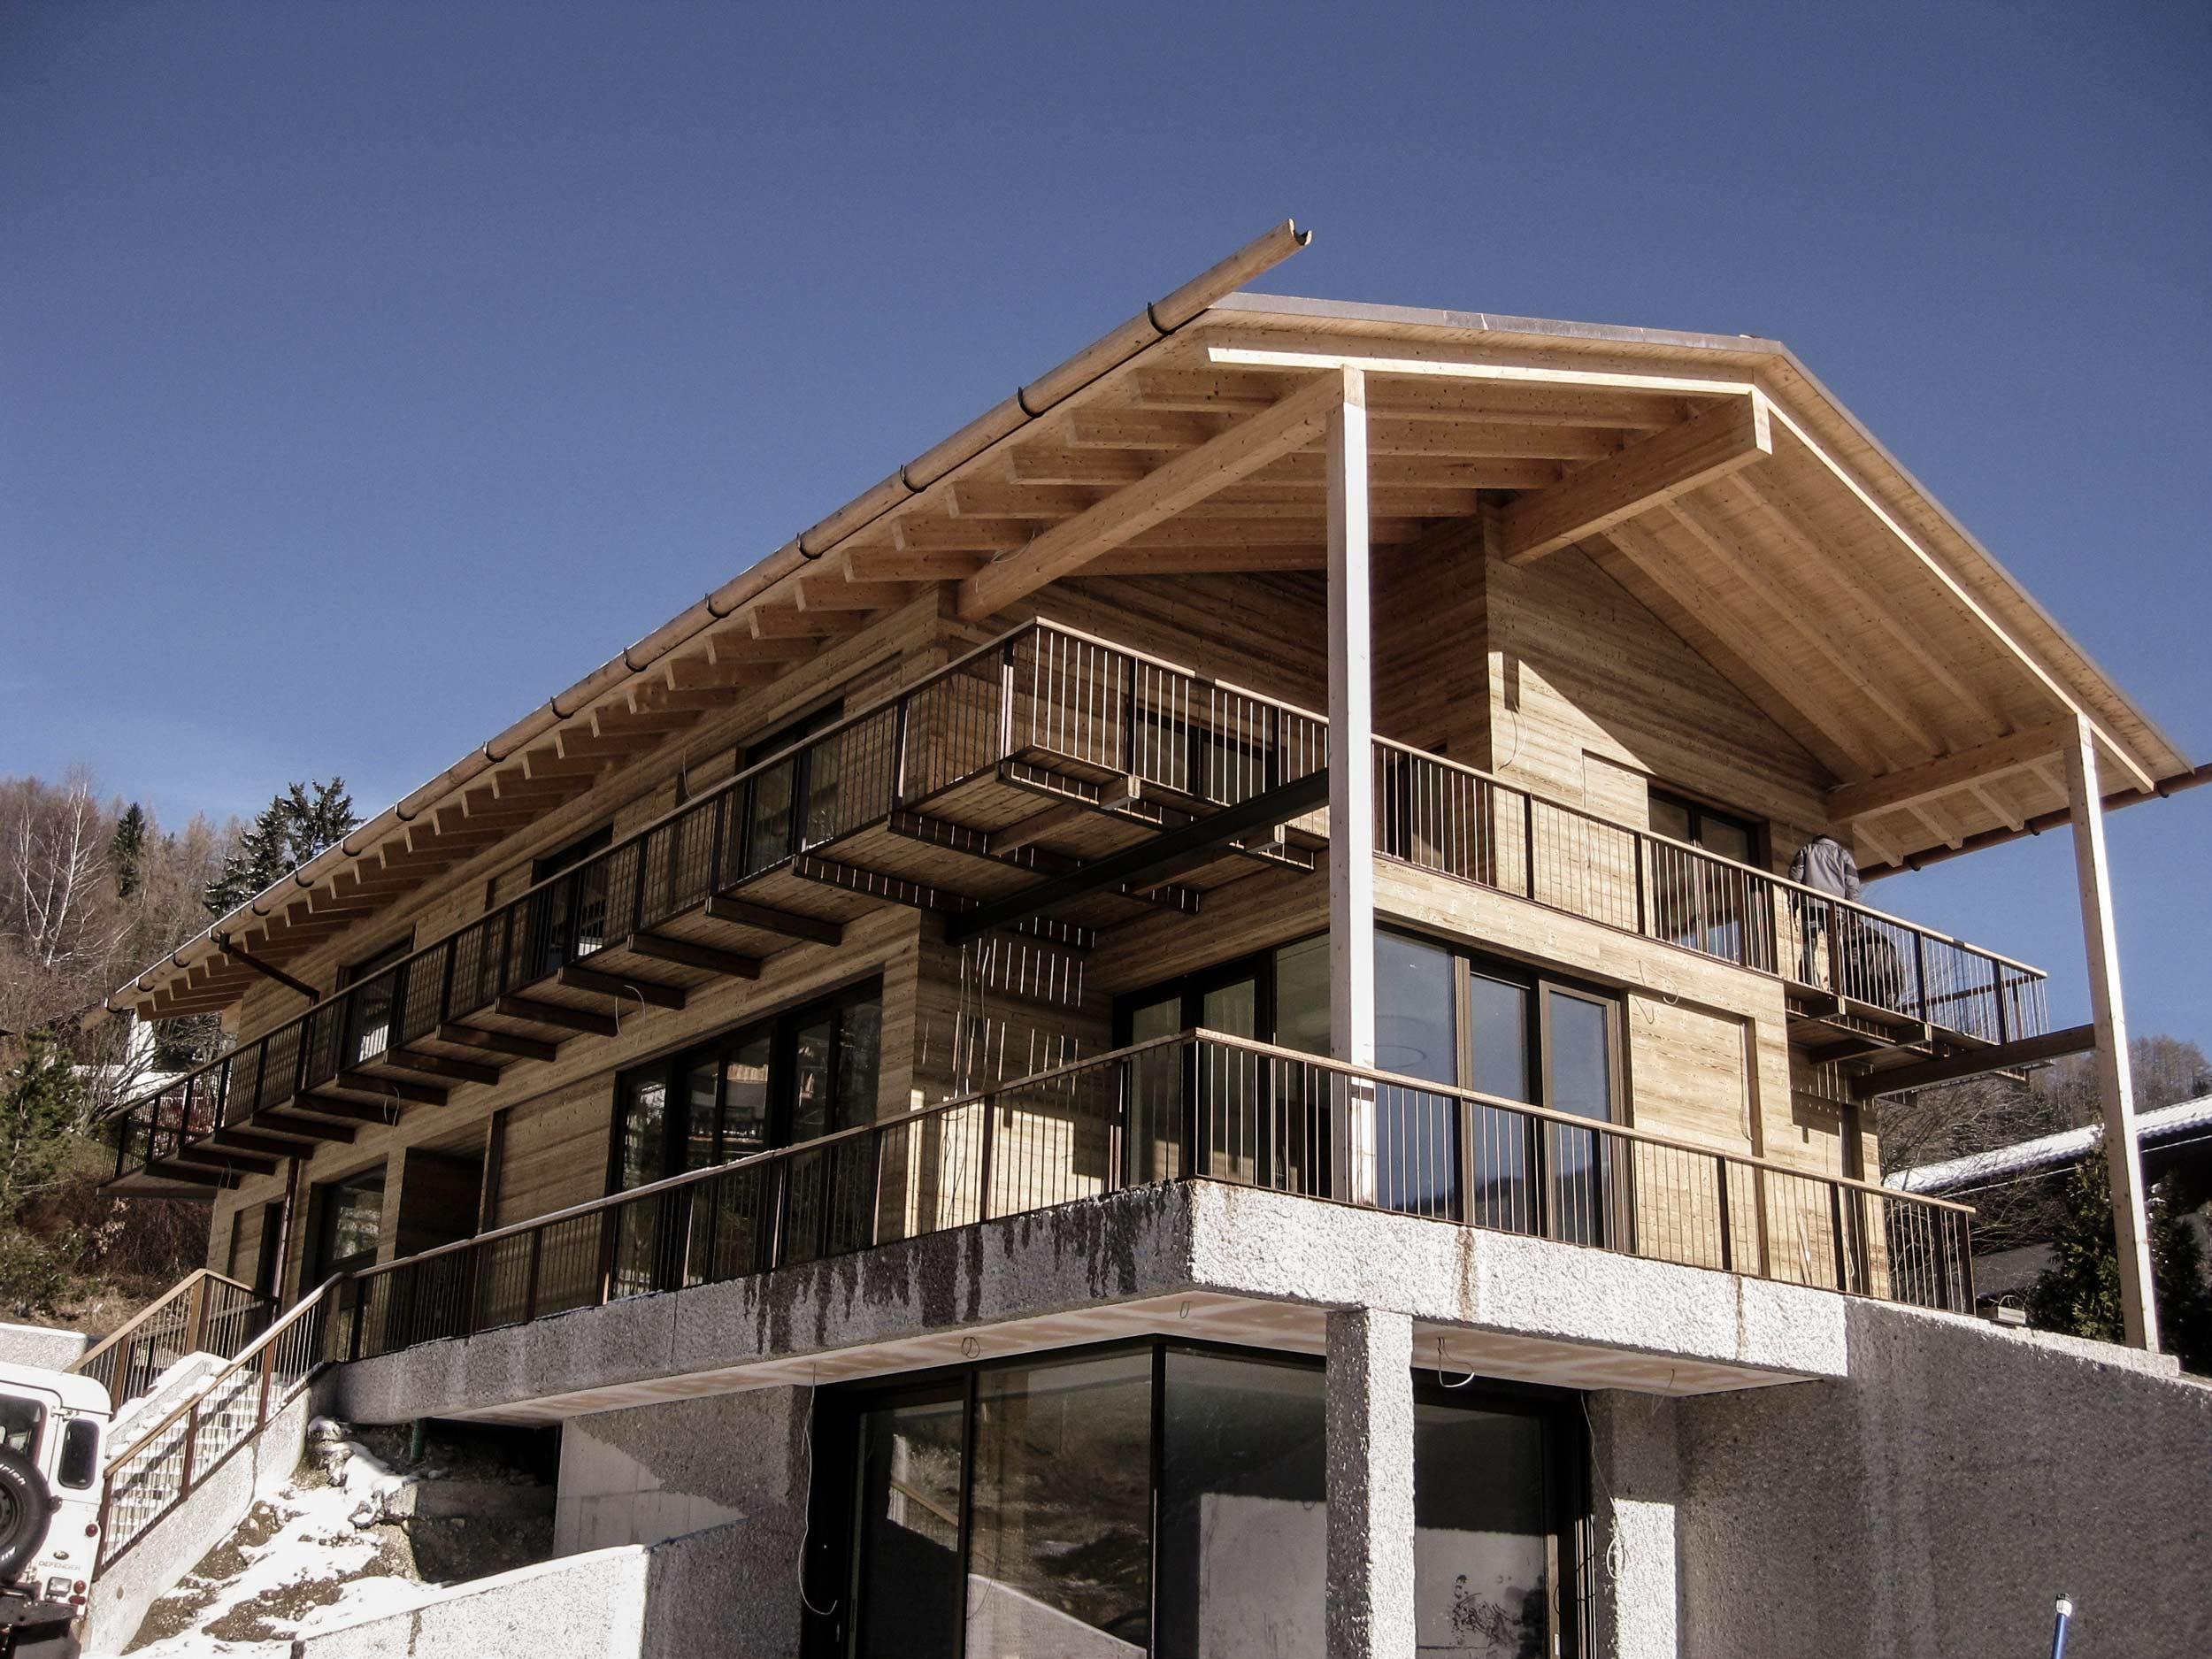 zimmerei-stoib-holzbau-holzhaus-schiebeläden-balkon-thermoholz-schalung-tegernsee-02.jpg